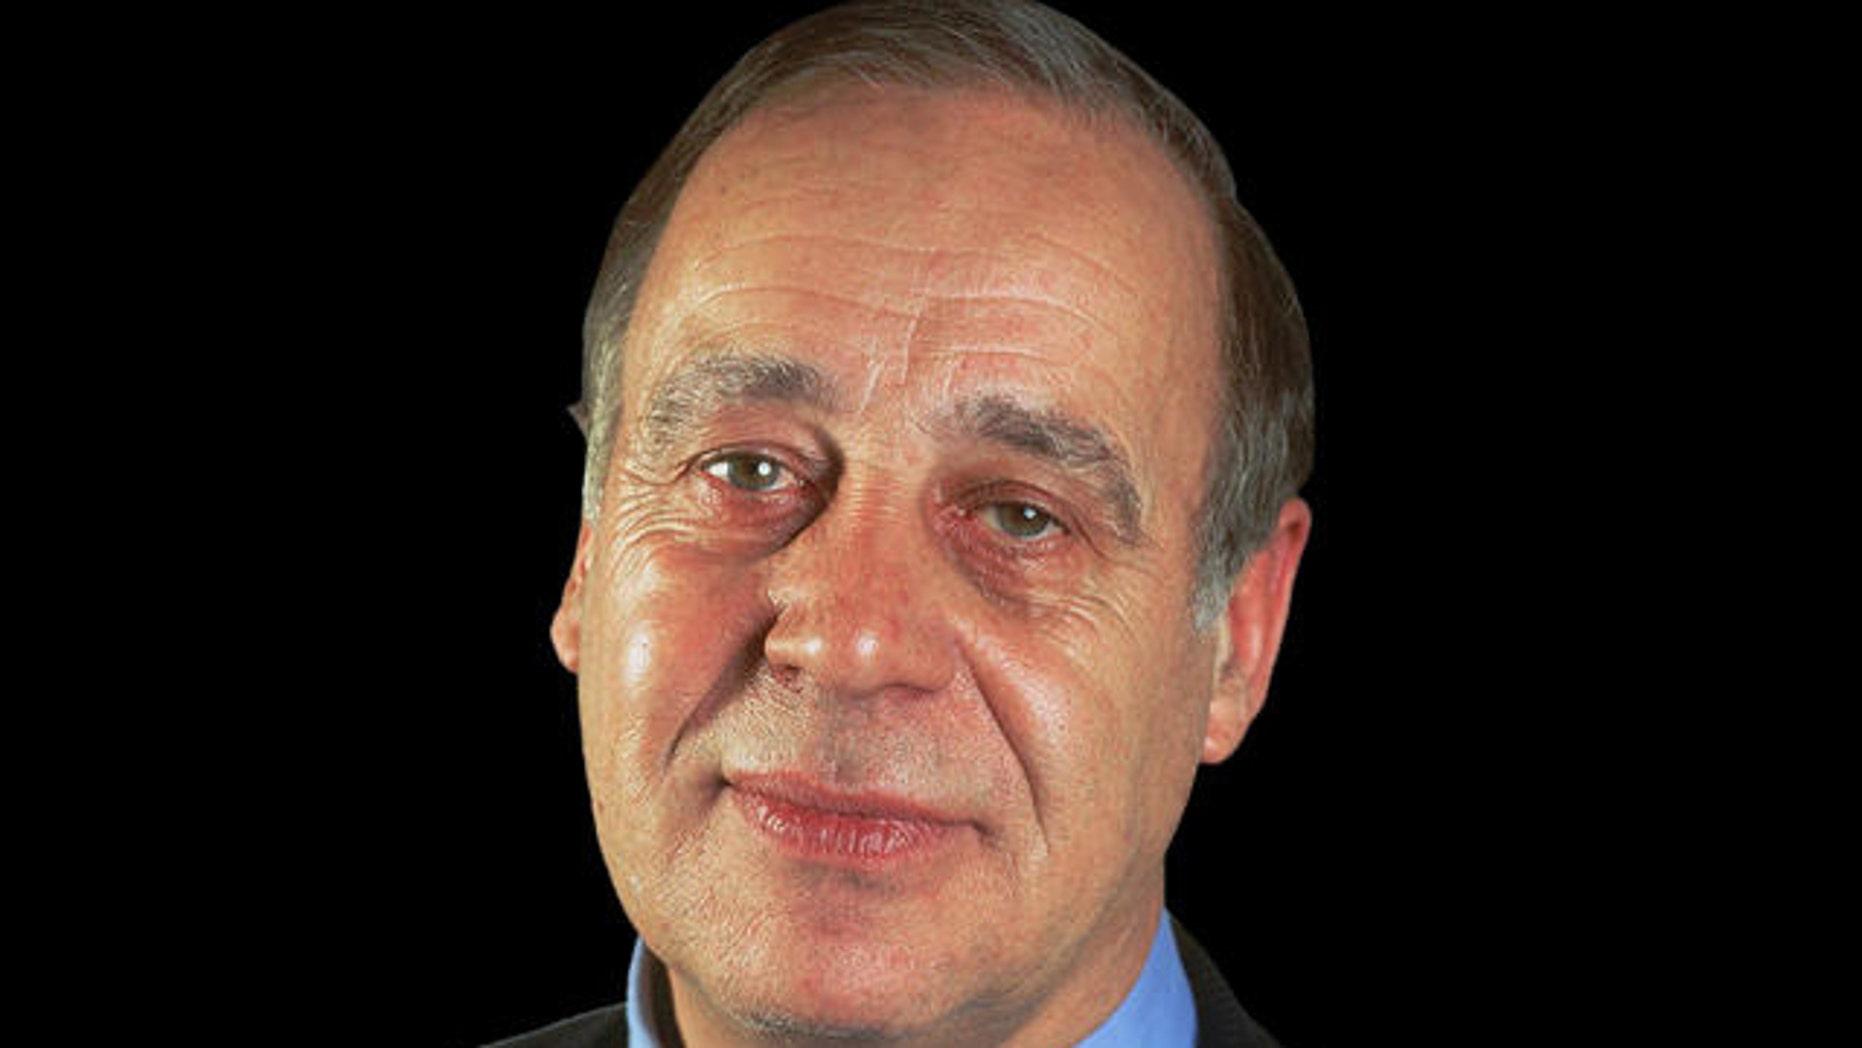 Shown here is former Swiss legislator Jean Ziegler.